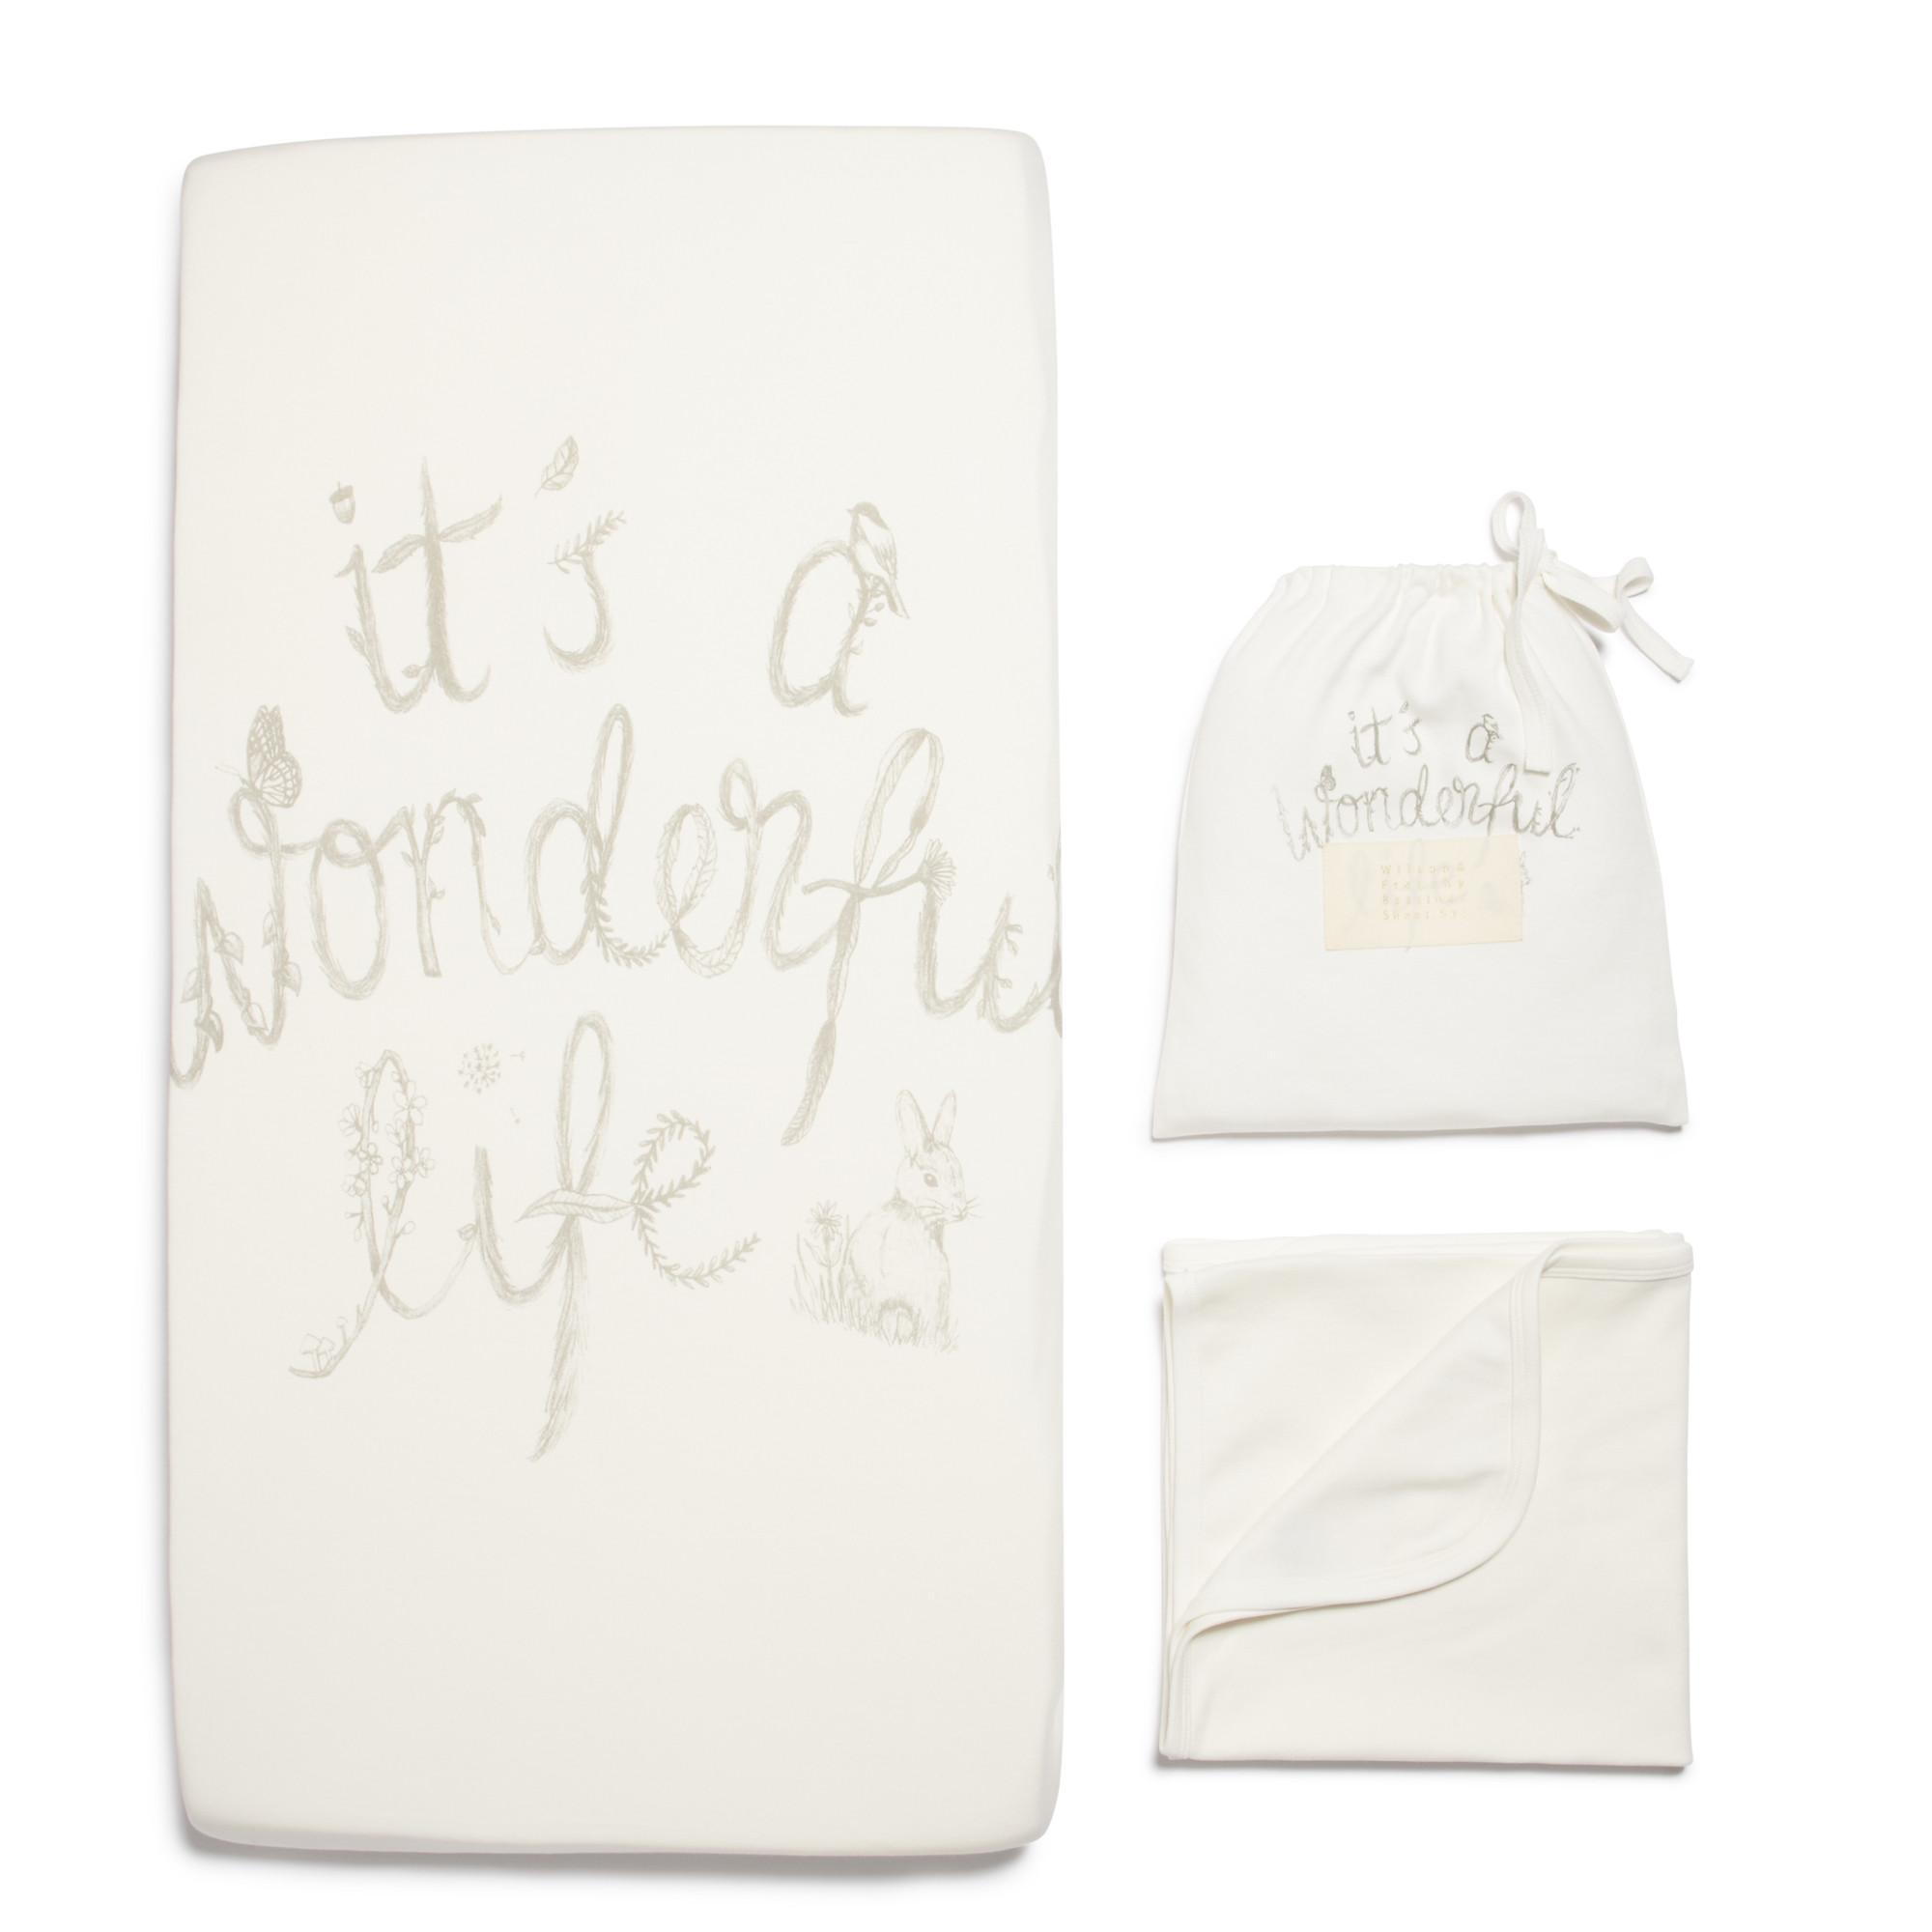 UWF133_Bassinet_sheet_set_Wonderful_Life